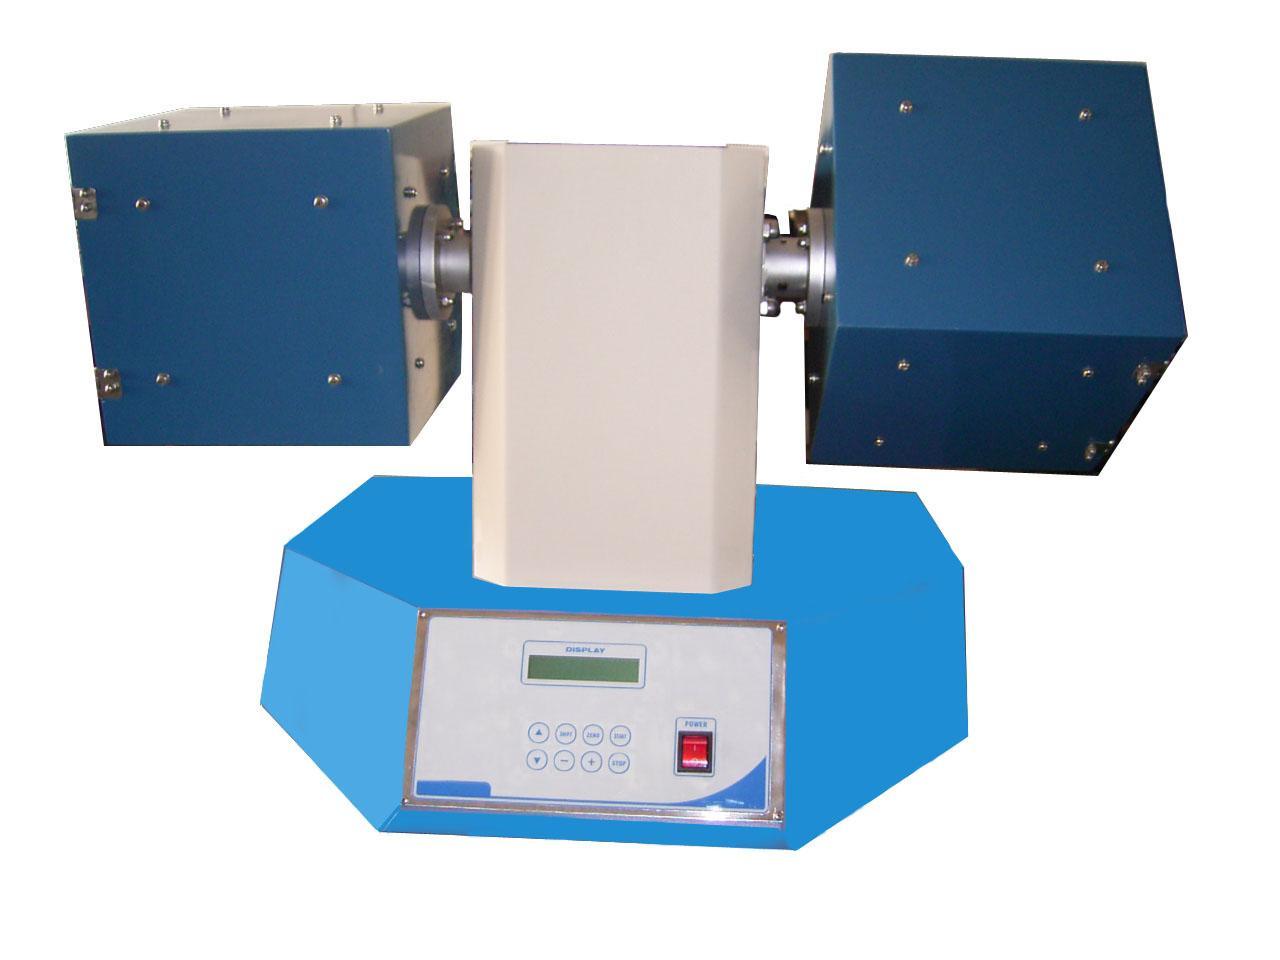 起毛起球测试仪(起球箱法)ISO 12945.1,BS5811 JIS L1076,ICI 3